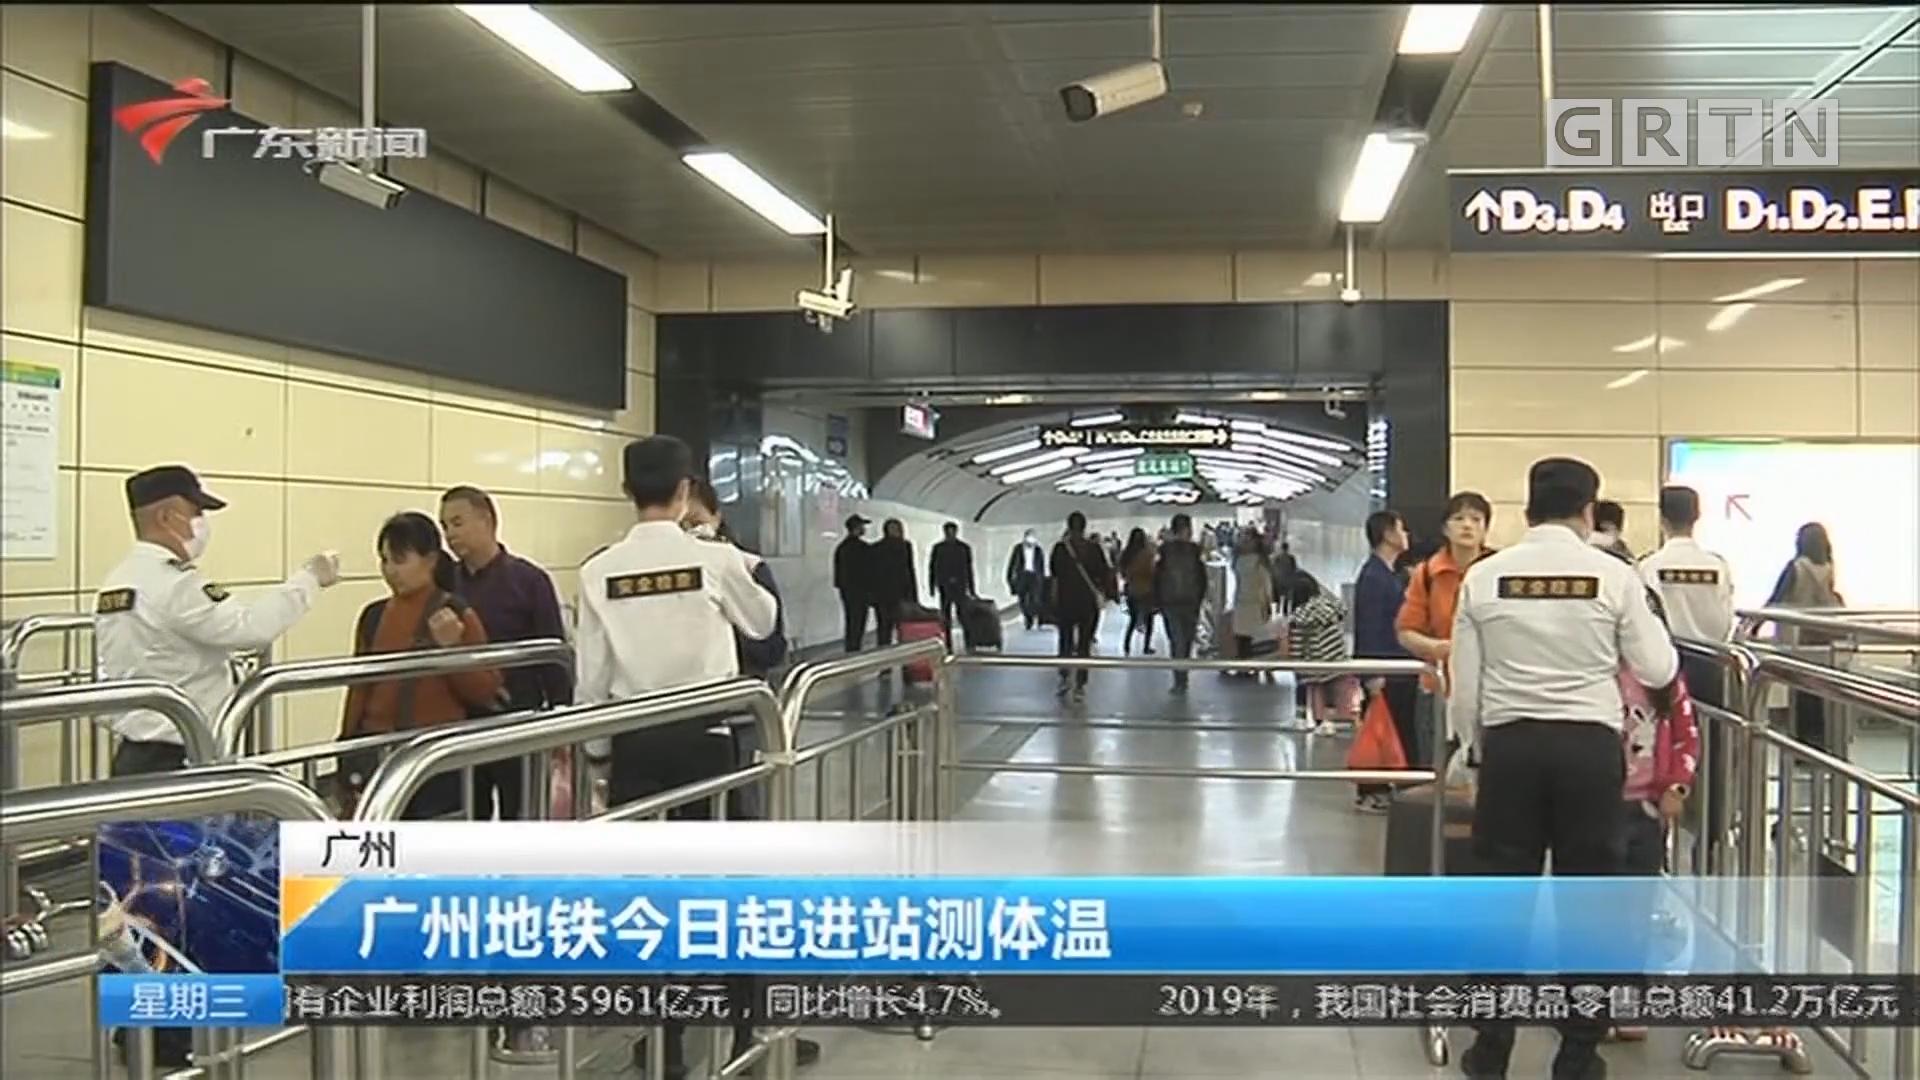 广州 广州地铁今日起进站测体温